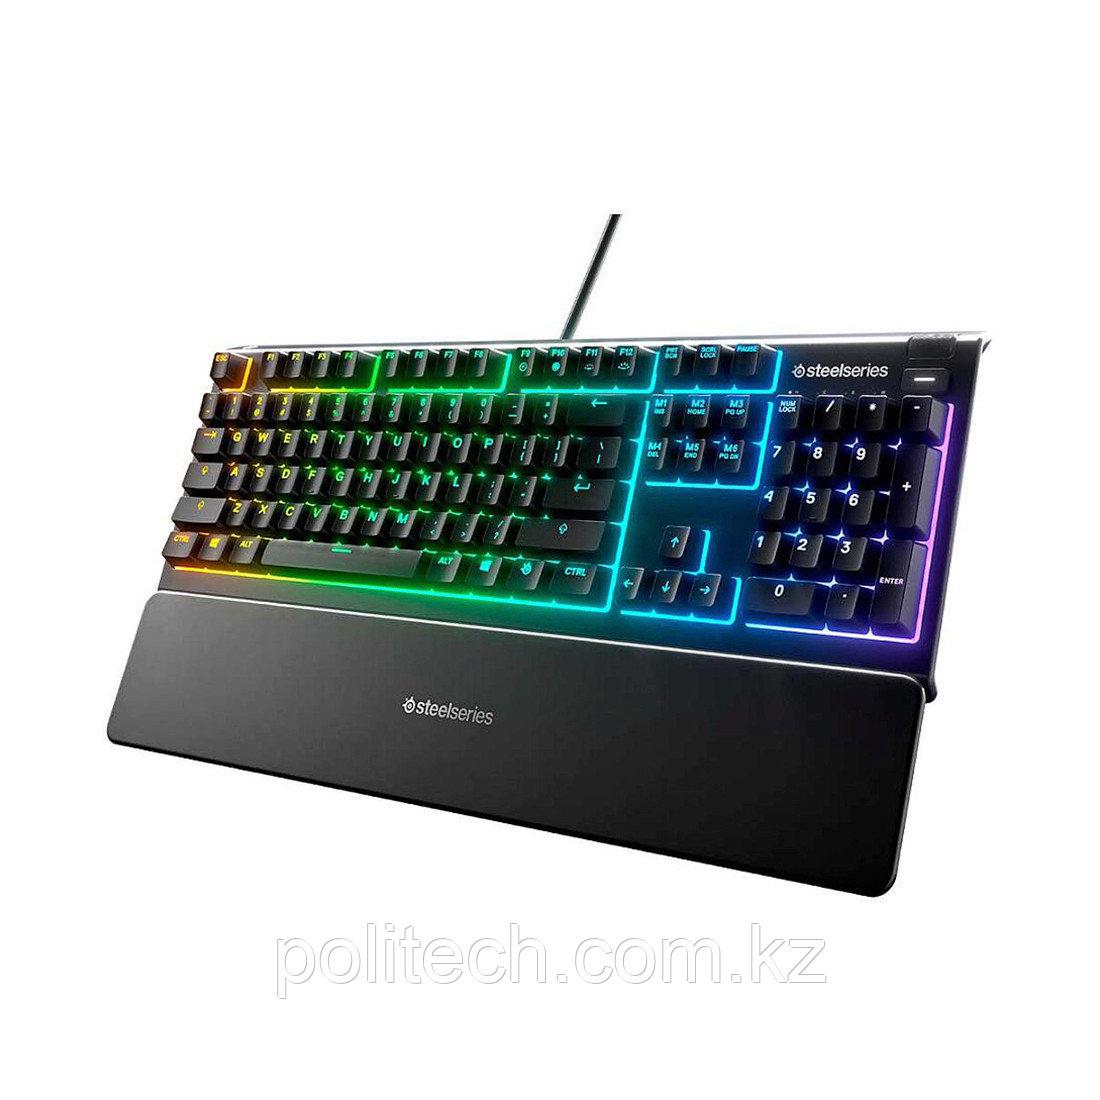 Клавиатура Steelseries Apex 3 RU